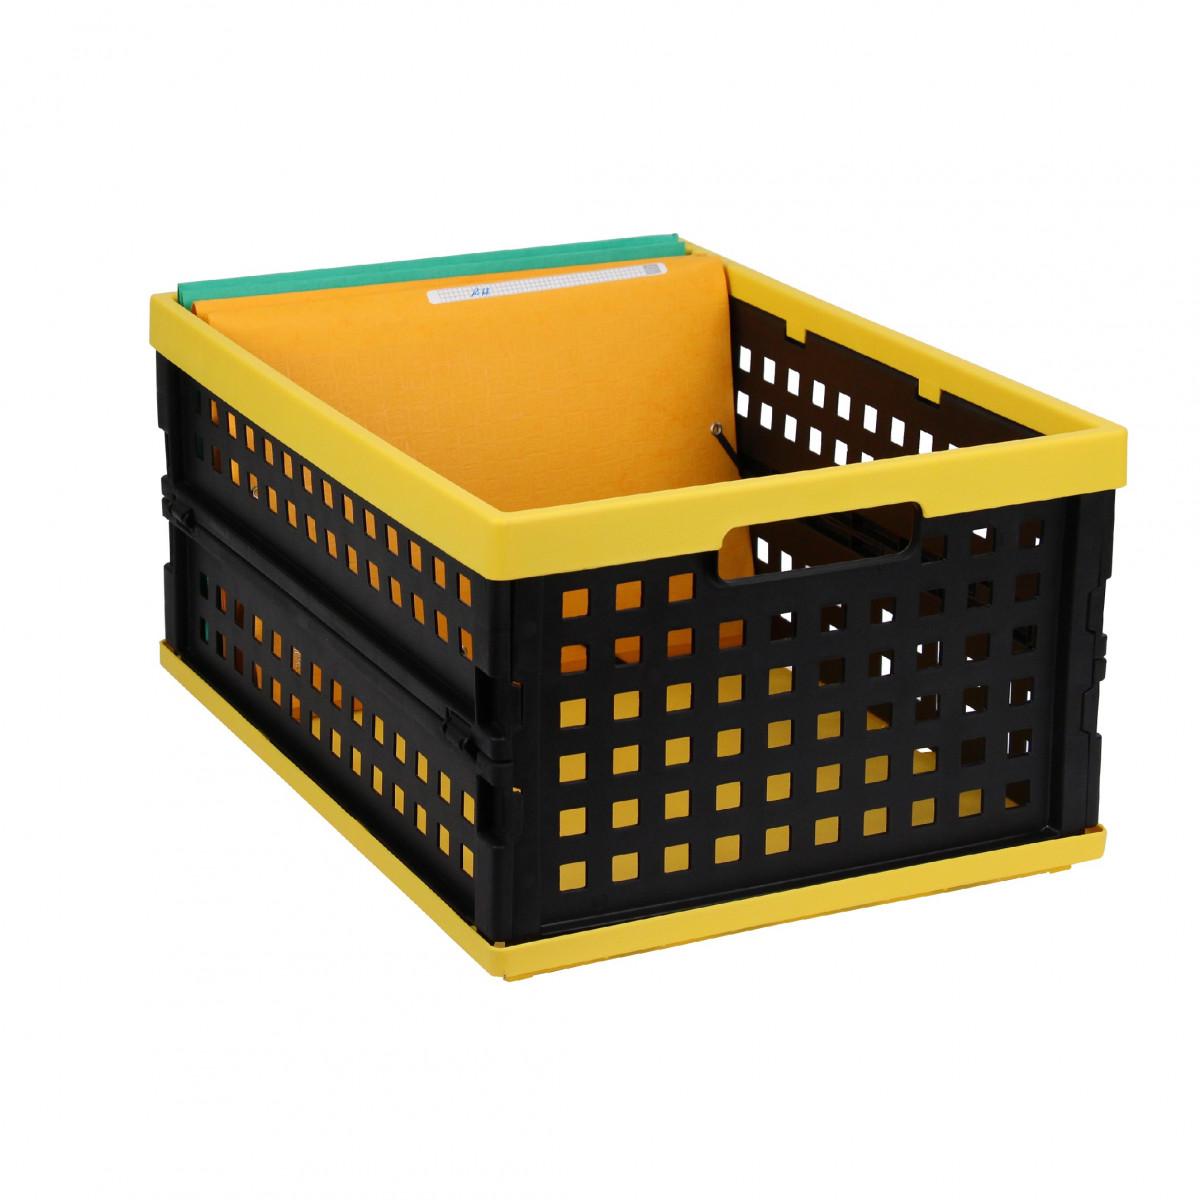 cagette empilable et pliable noire et jaune rangement. Black Bedroom Furniture Sets. Home Design Ideas